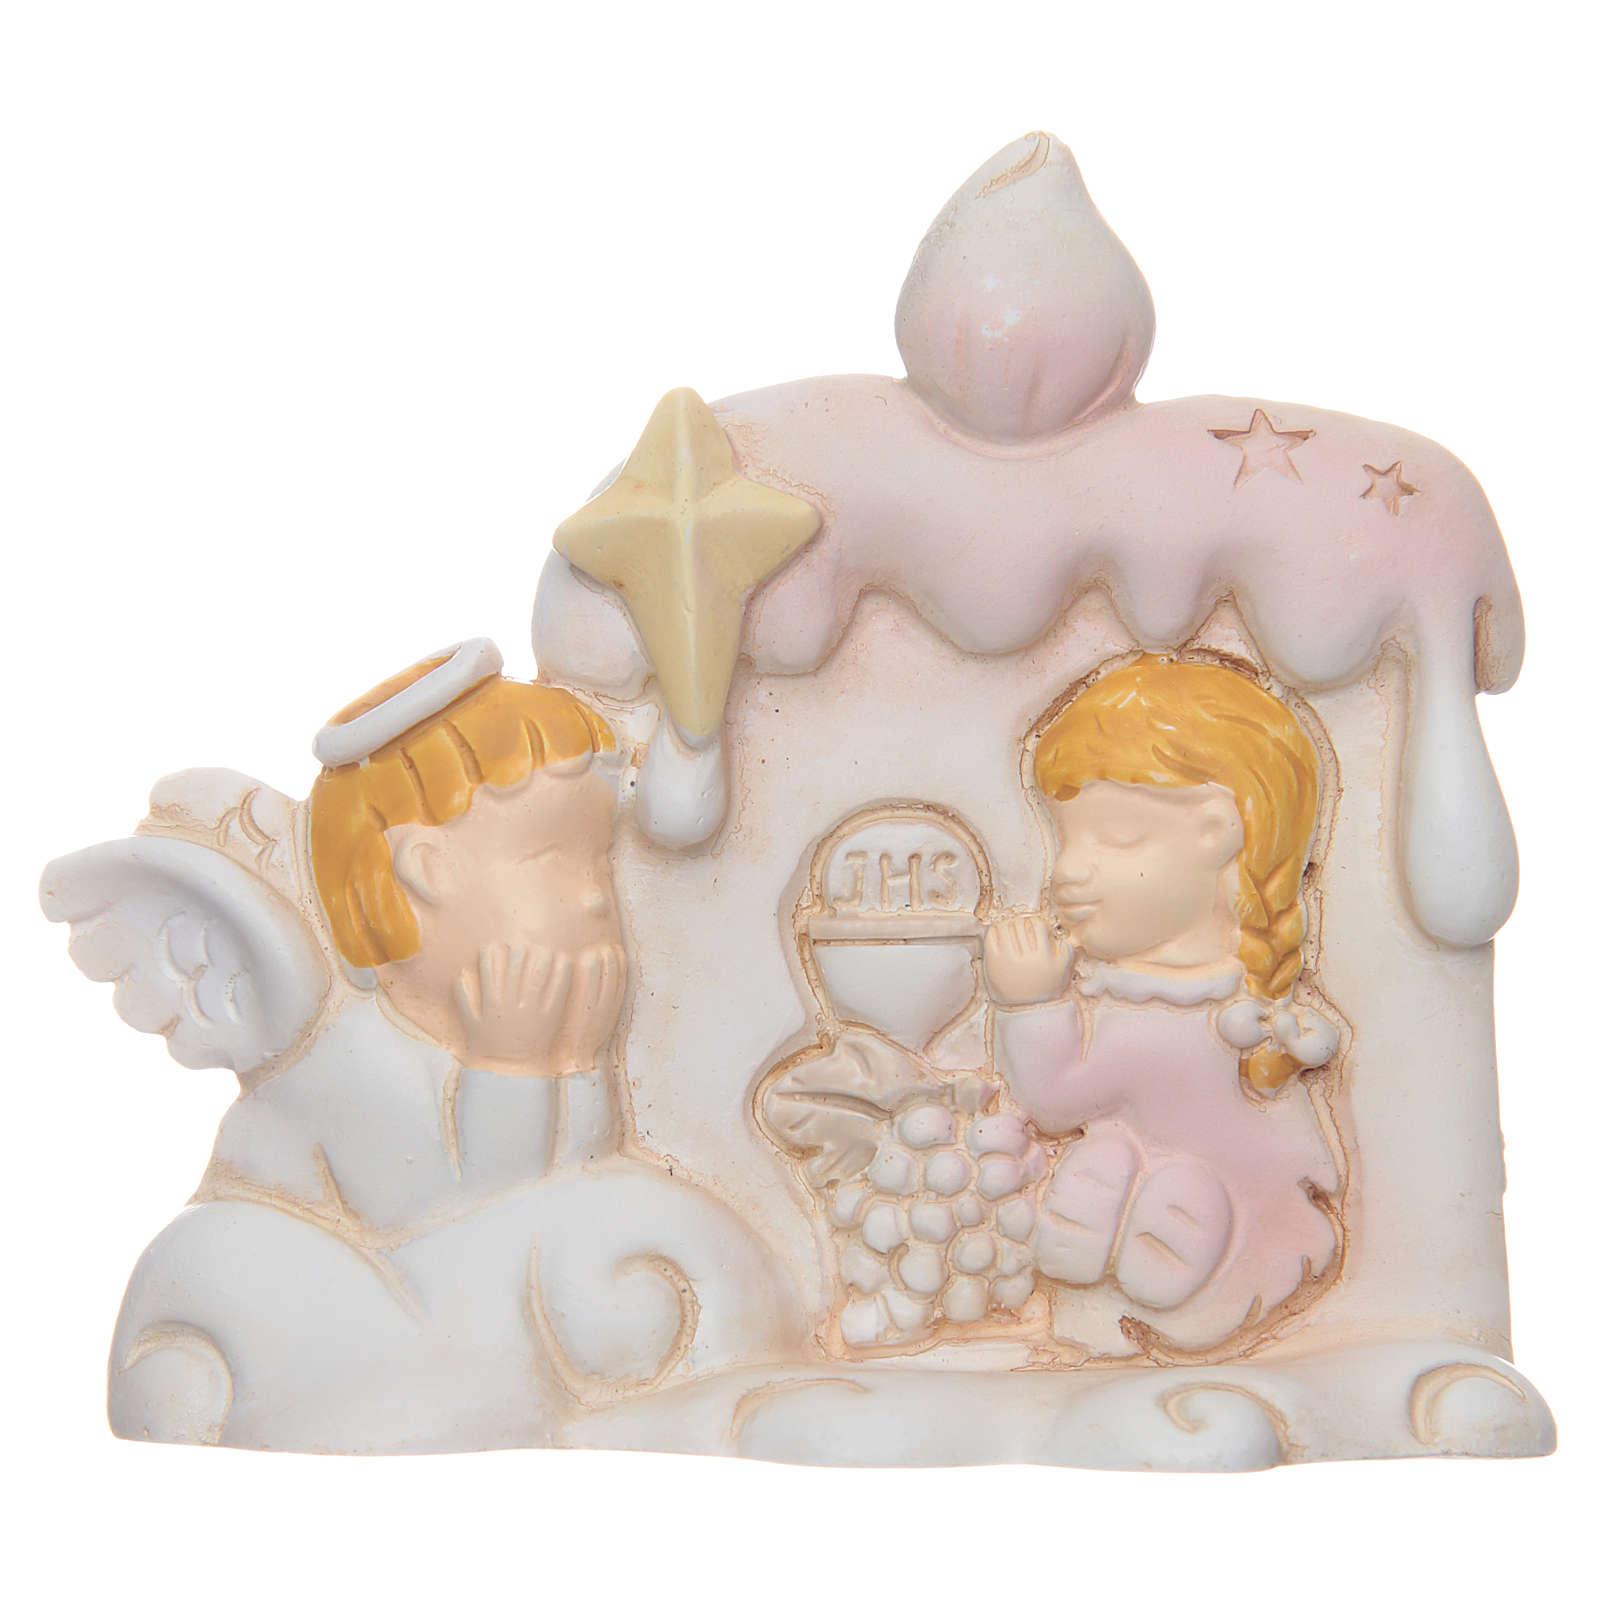 Bonbonnière Première Communion bougie ange fille 3